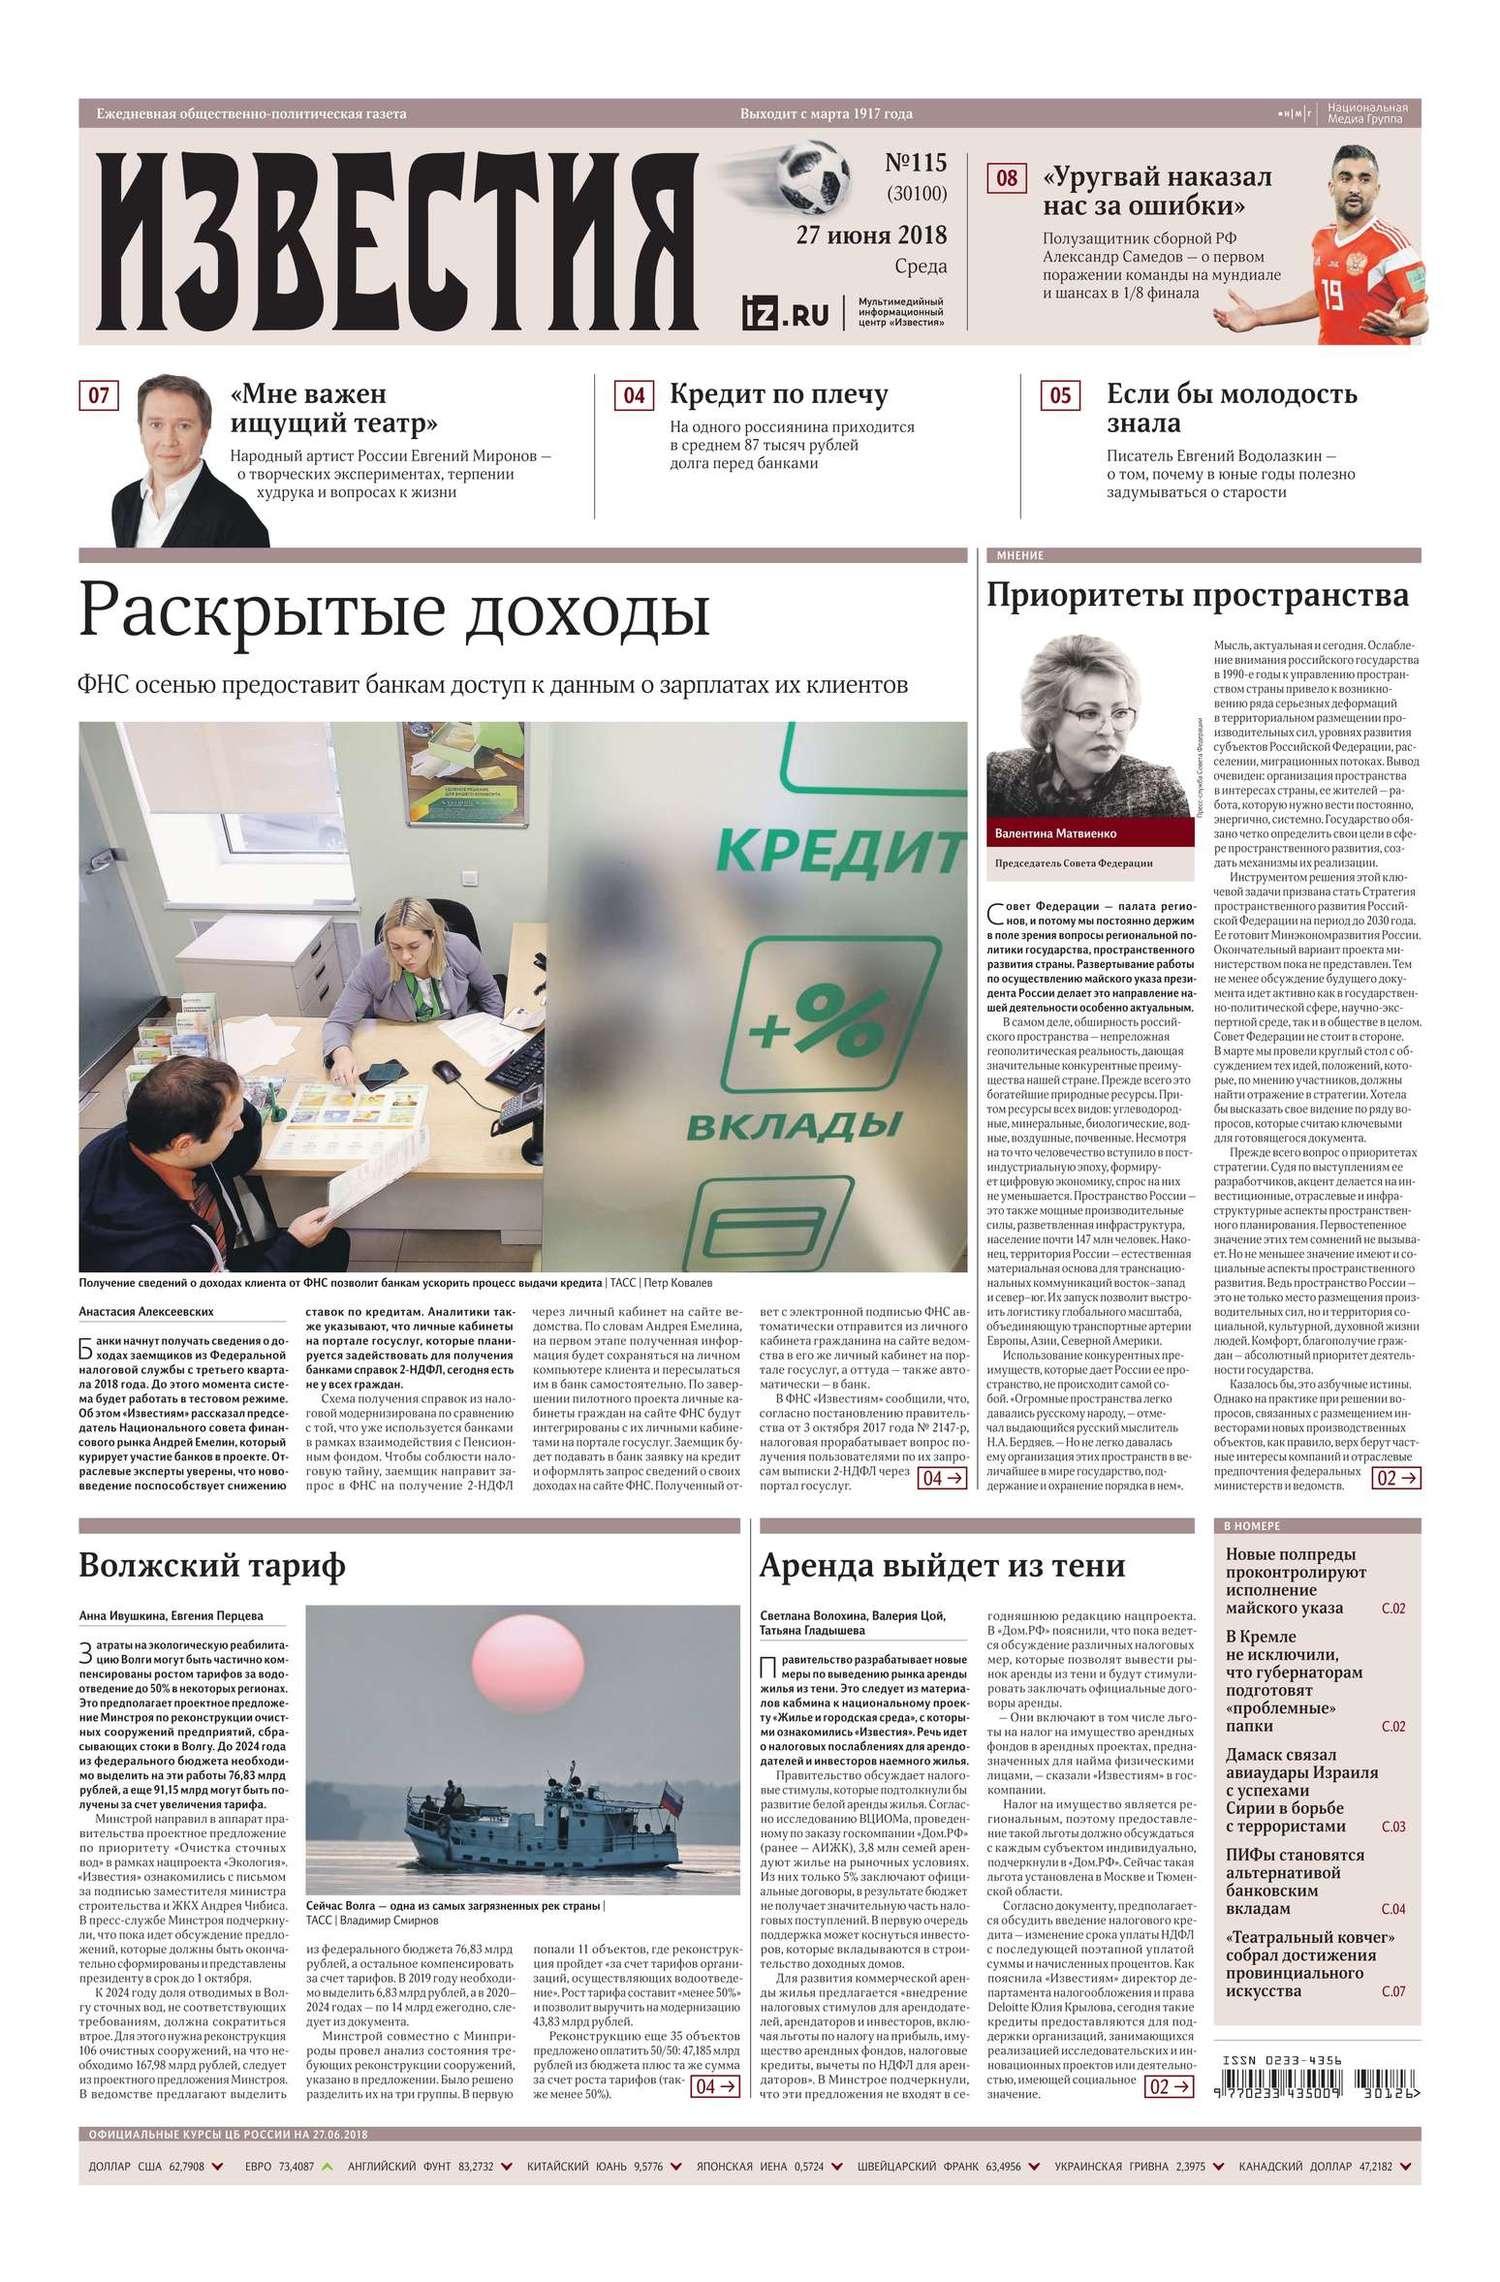 Известия 115-2018